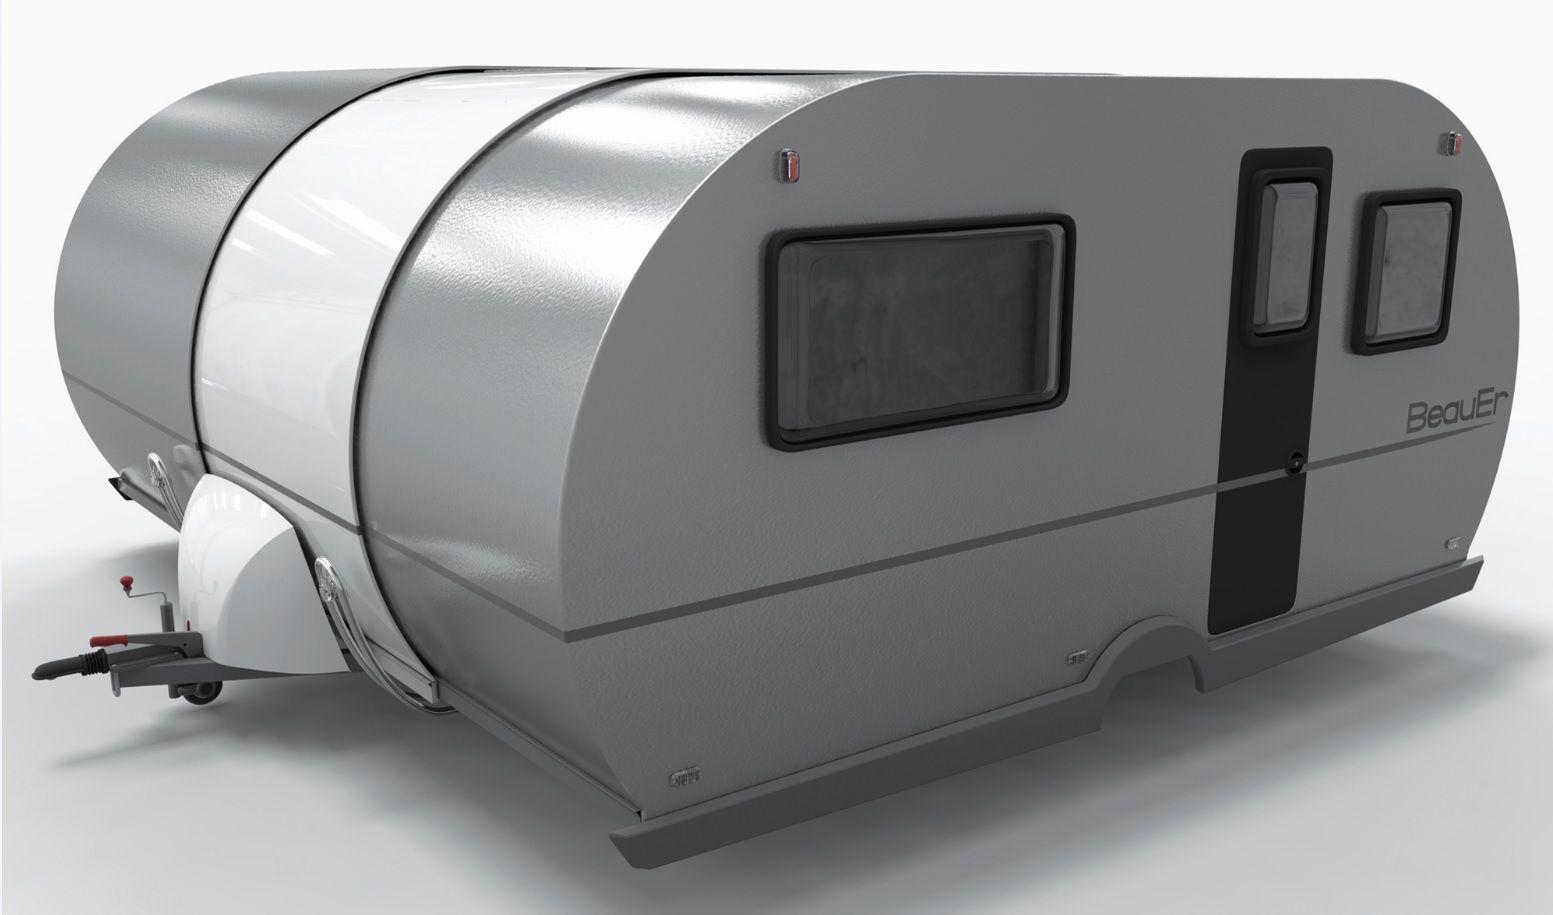 たった20秒で「部屋」が完成!新しいキャンプ体験をあなたに(動画あり)